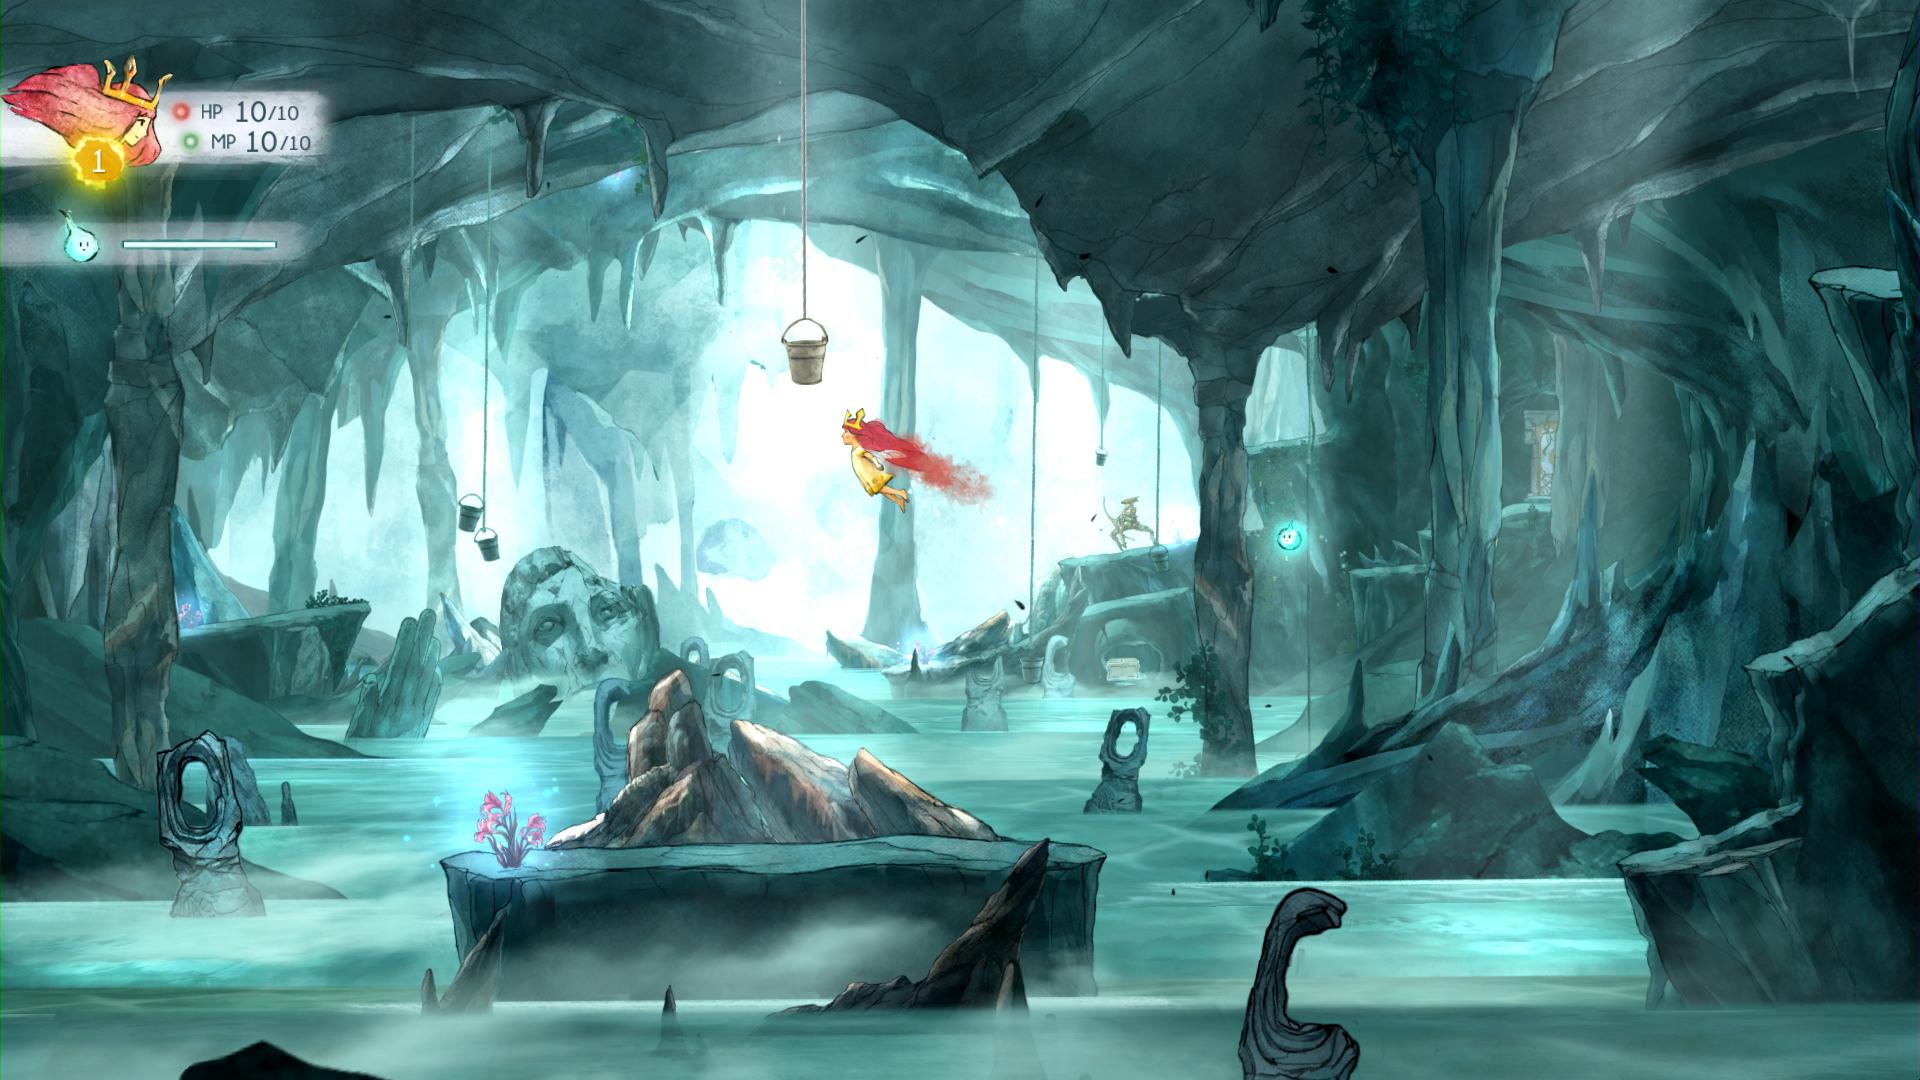 Gry z niezwykle unikalną grafiką - Child of Light